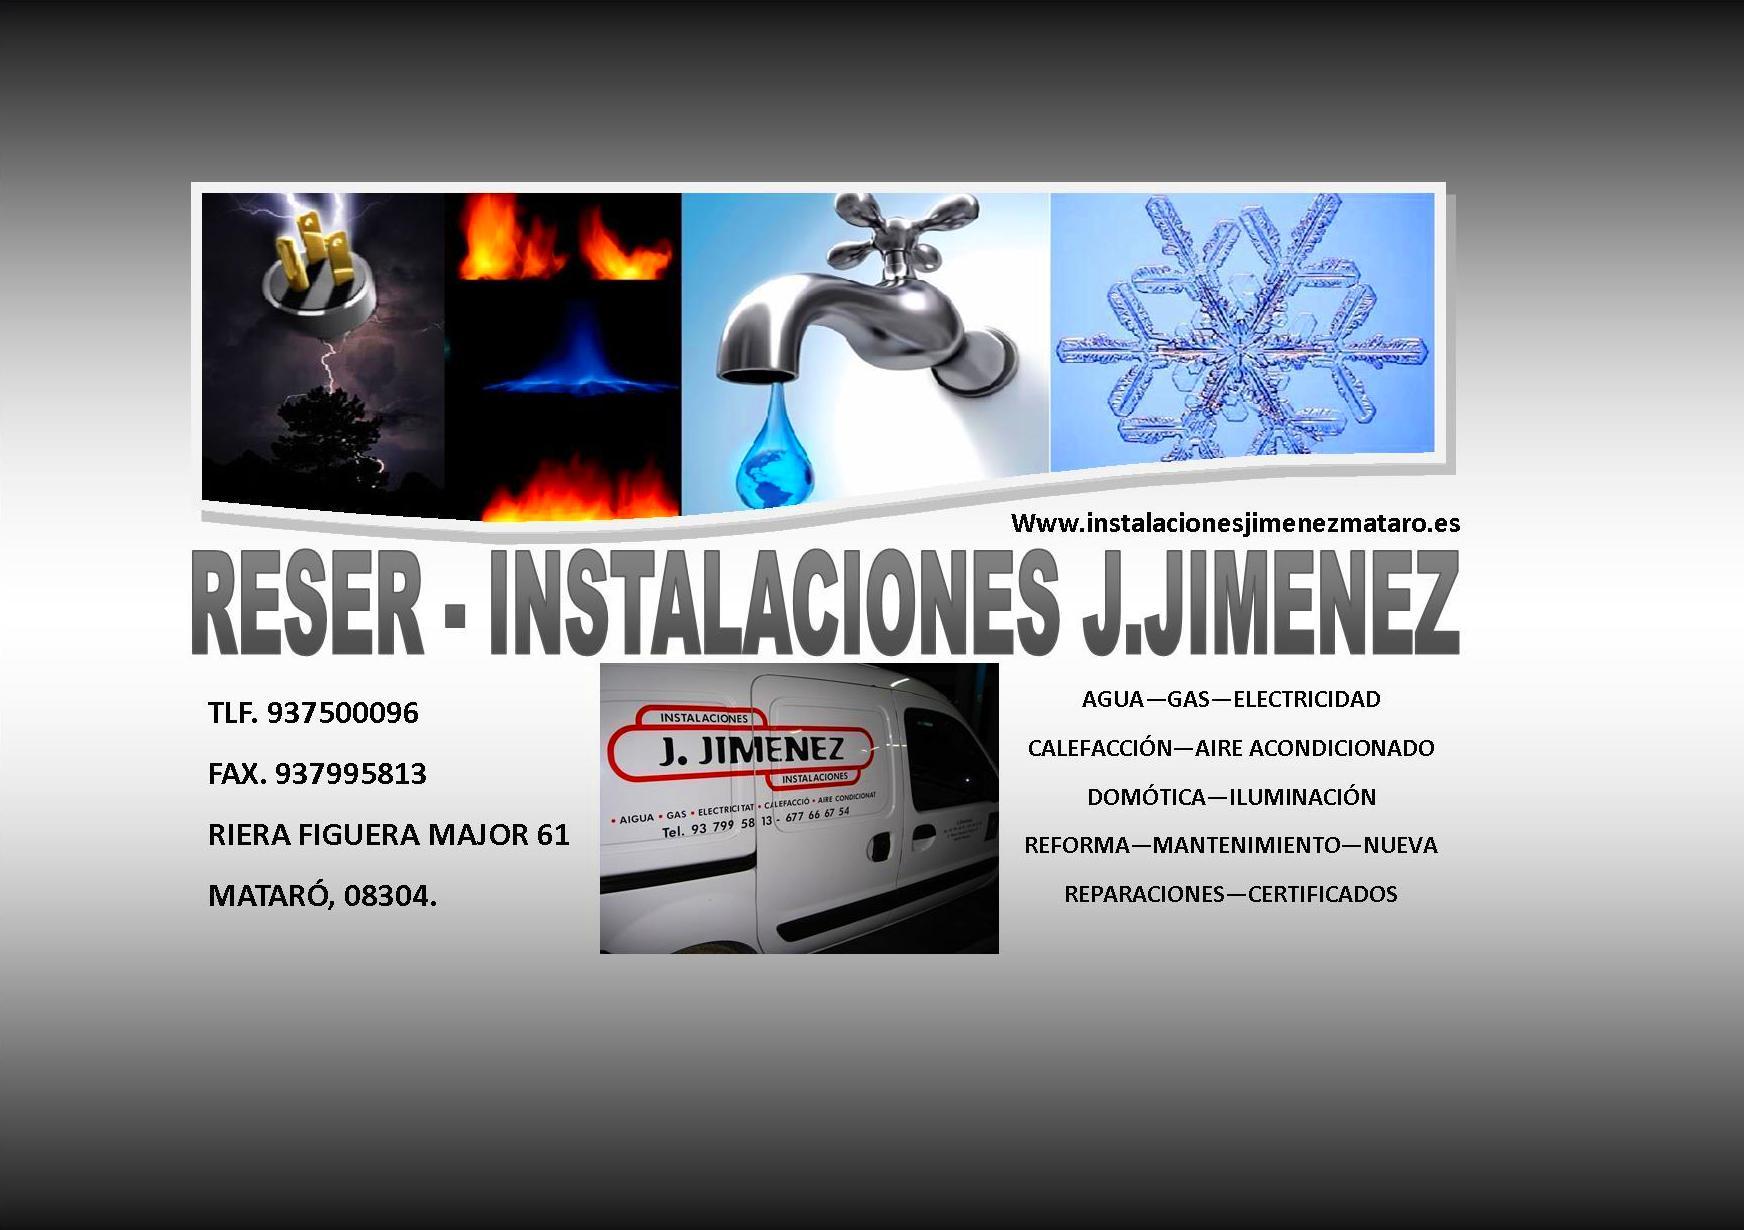 LAMPISTA - ELECTRICISTA - CALEFACCIÓN - AIRE ACONDICIONADO EN MATARÓ, RESER INSTALACIONES JIMENEZ